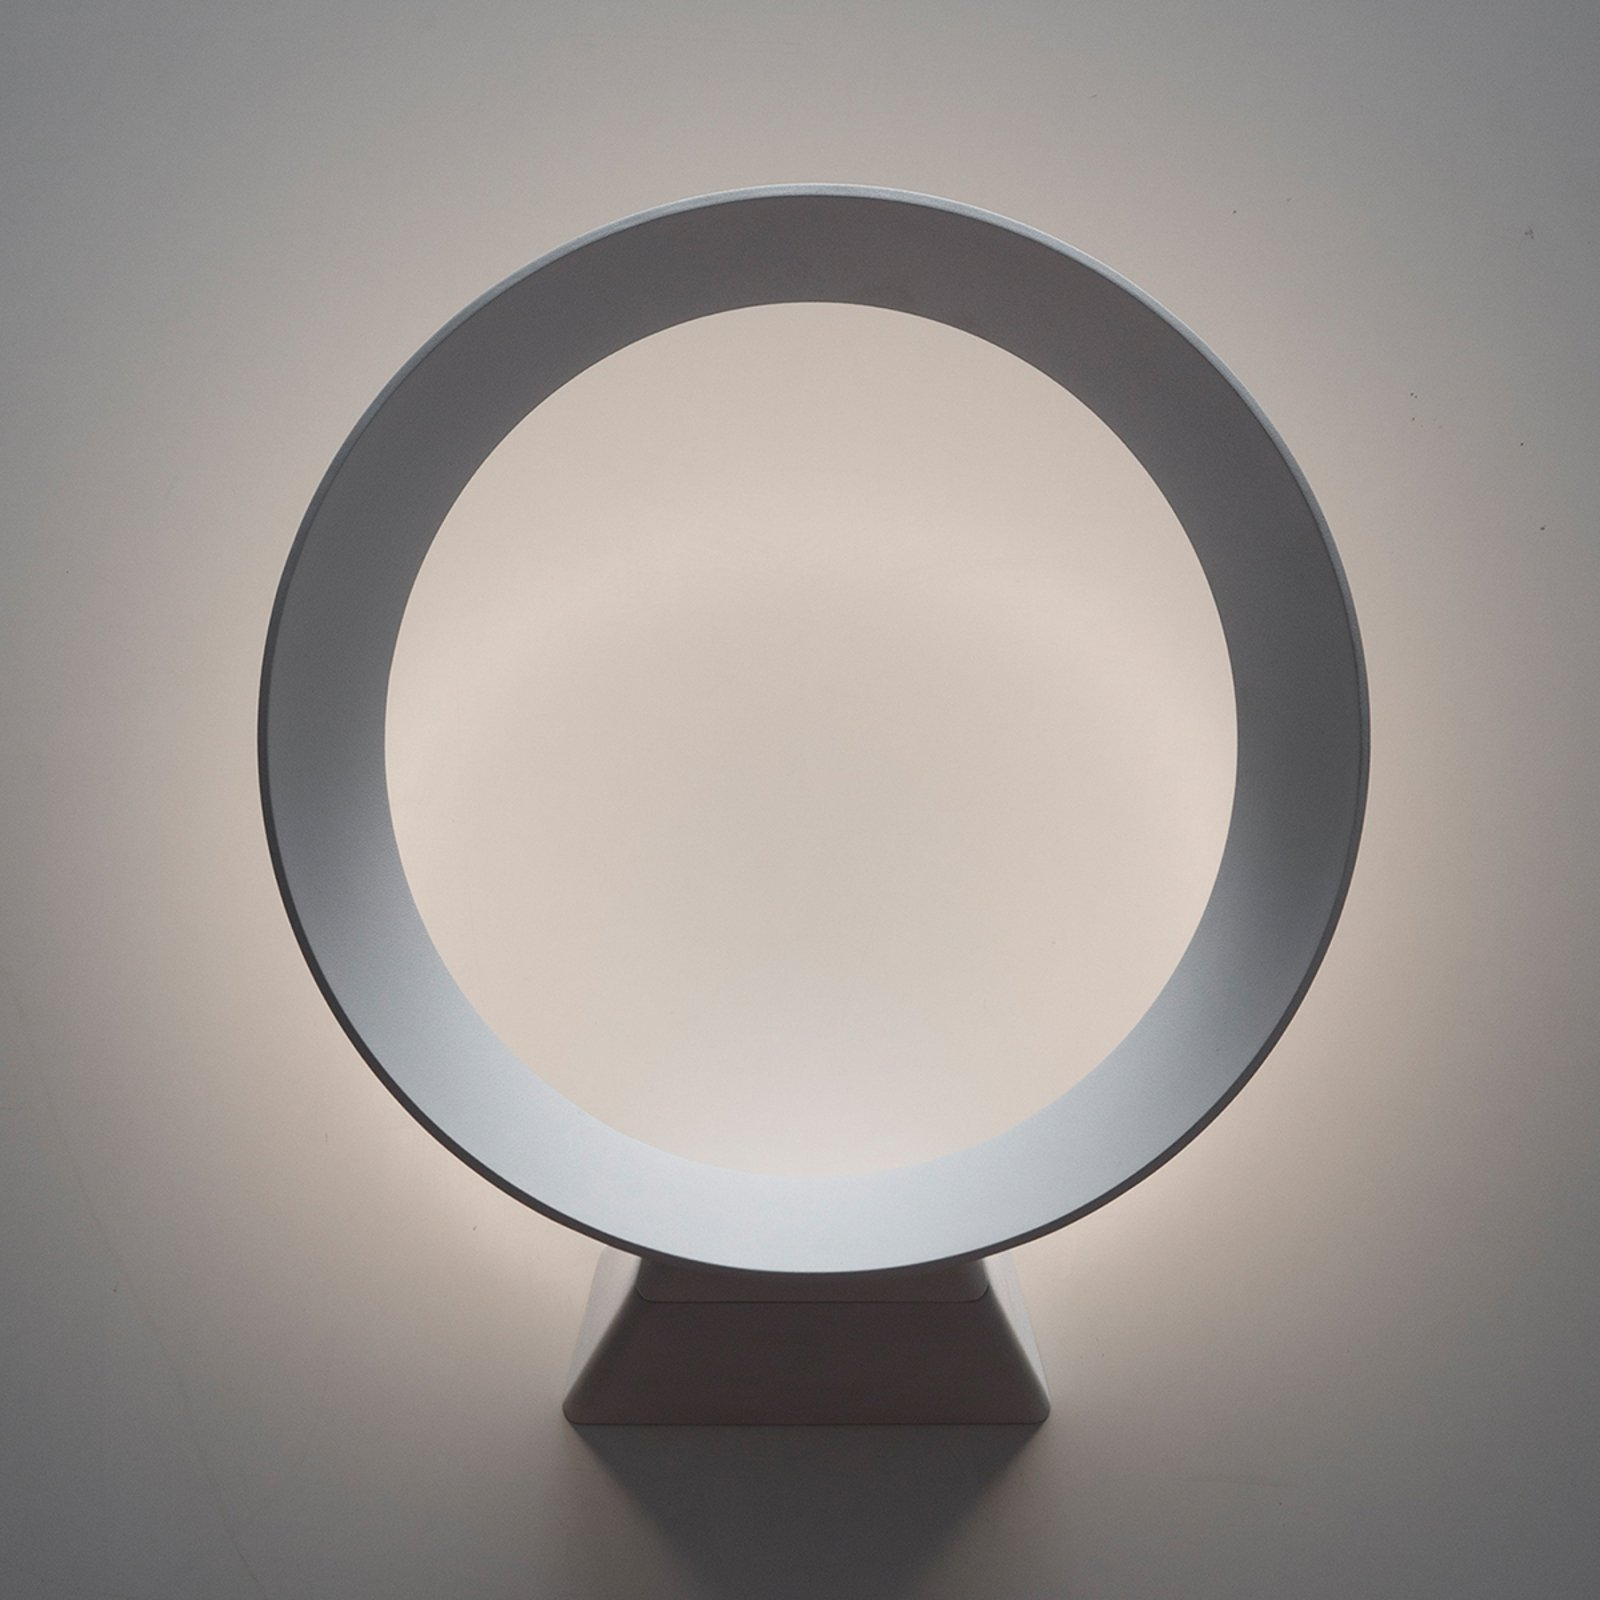 Martinelli Luce LED+O vegglampe 16 W, 3 000 K